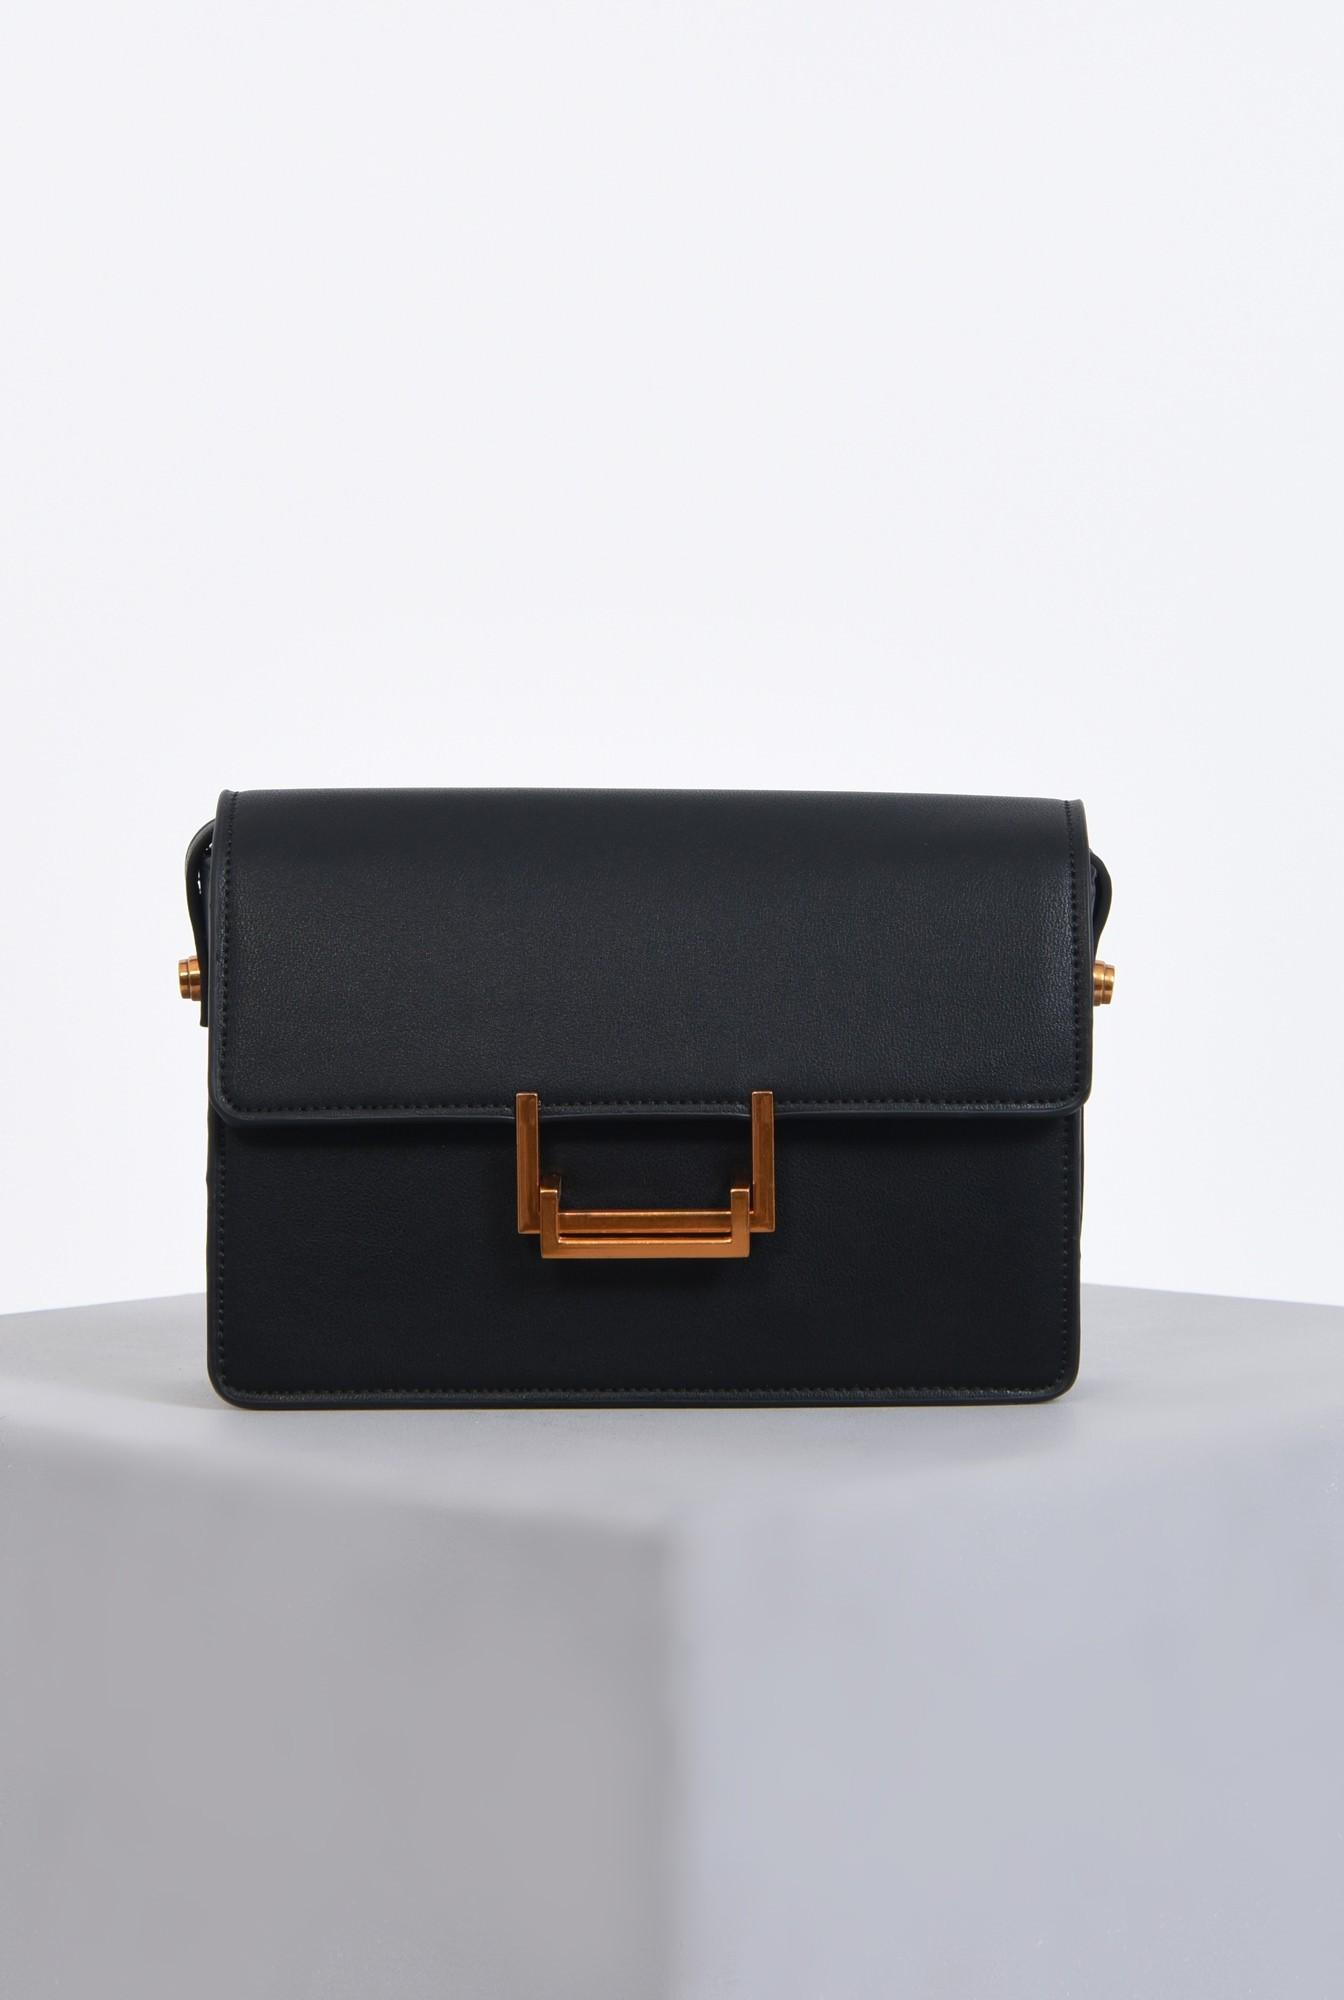 geanta casual, negru, accesorii